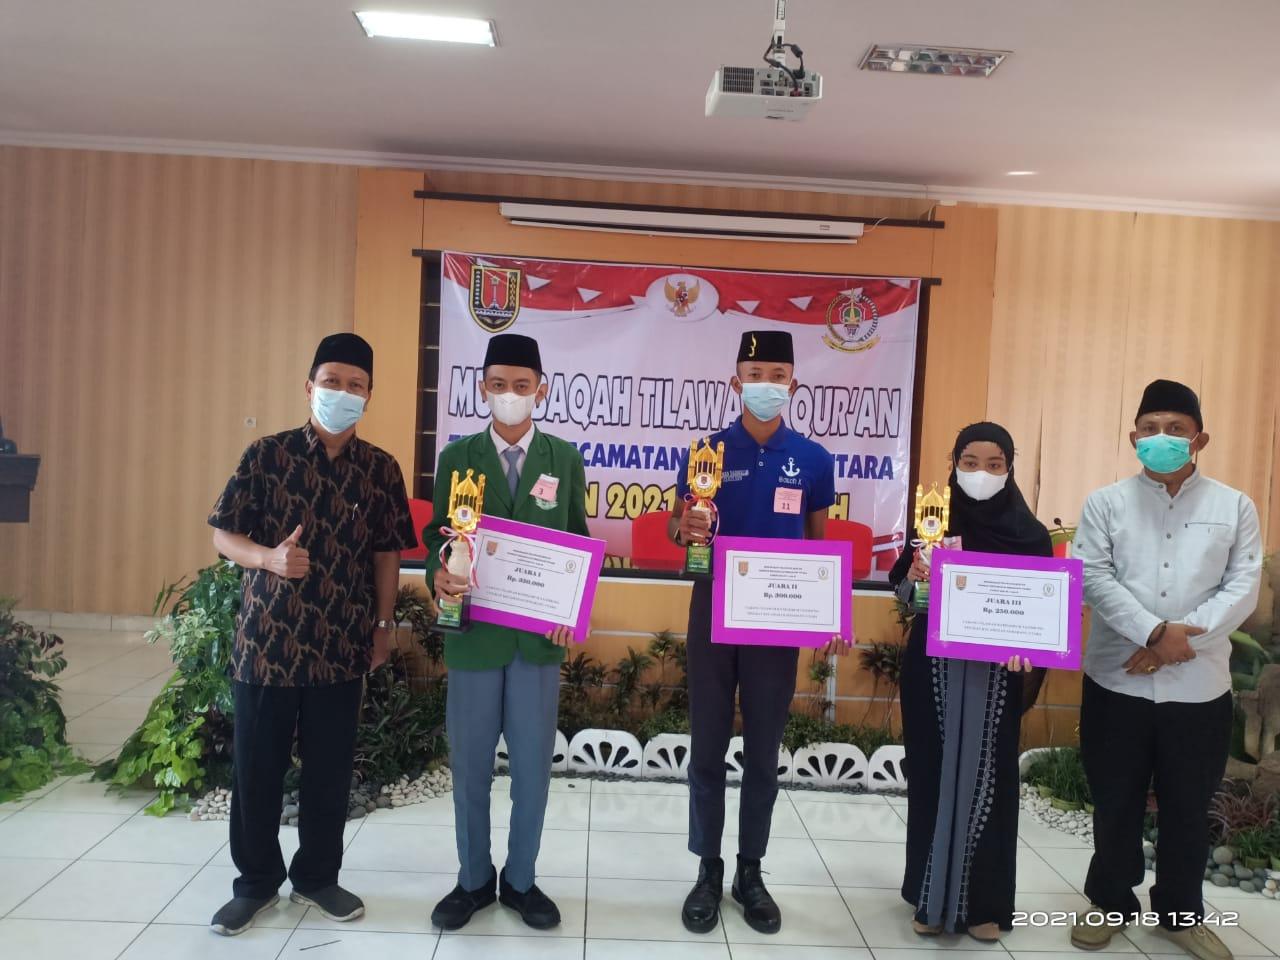 Juarai Lomba Tilawatil Quran, Guru-guru: Semoga Bisa Lolos ke Tingkat Kota